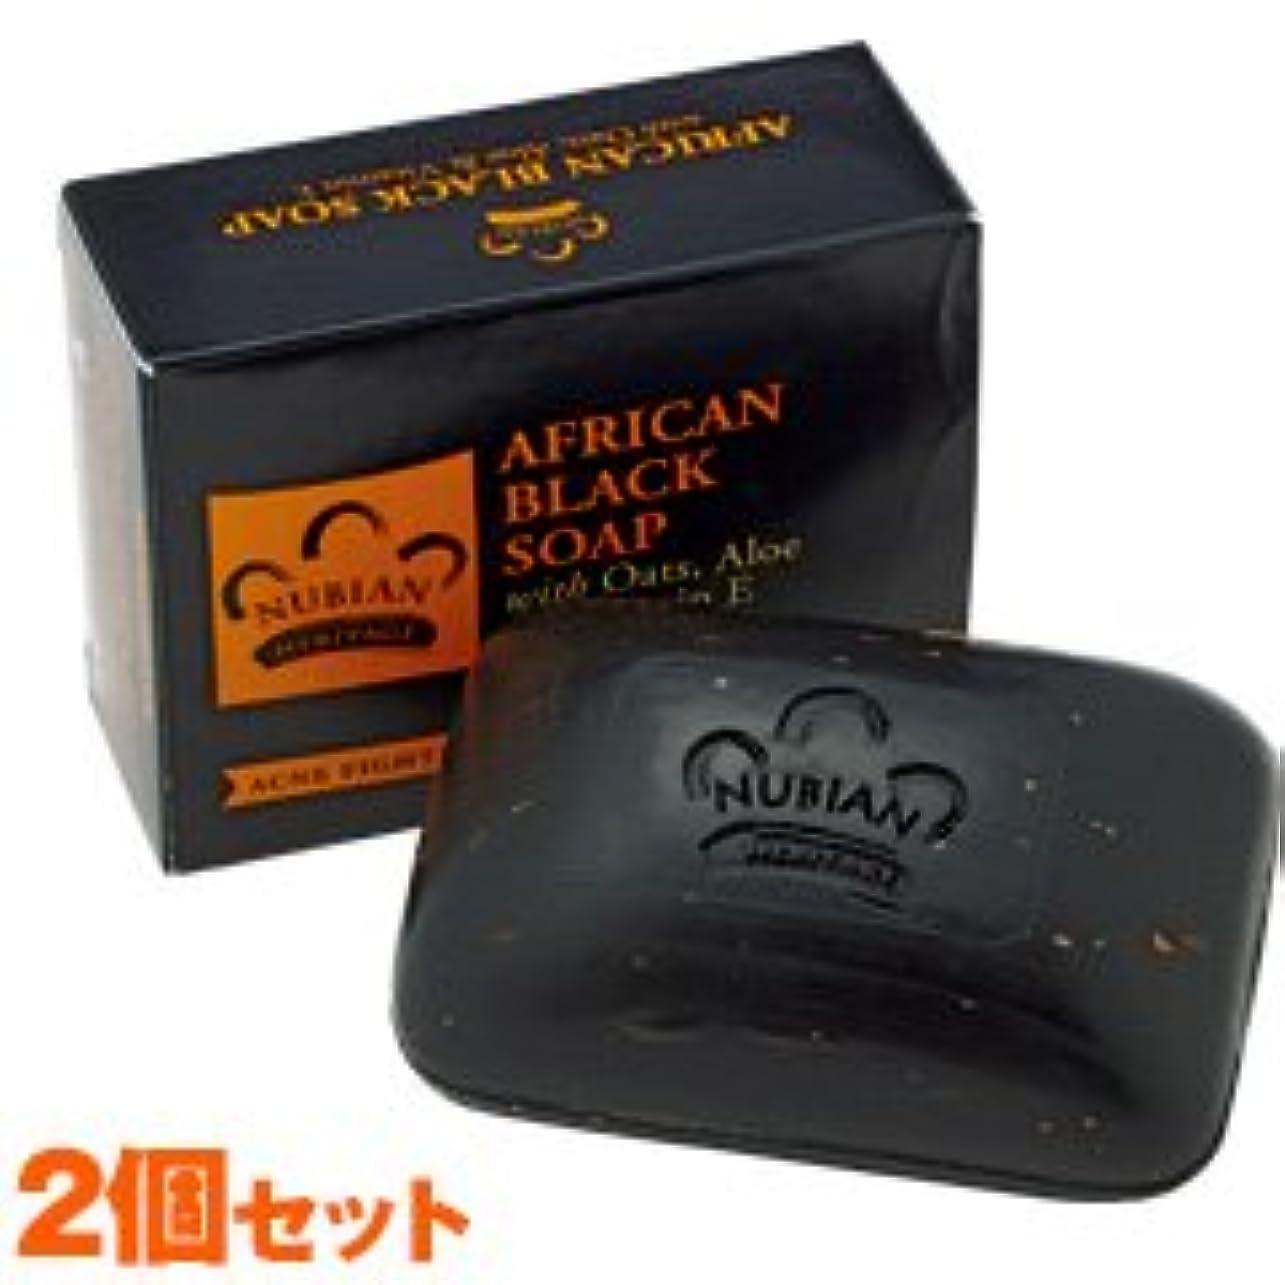 マトンリーガン南西ヌビアン ヘリテージ(NUBIAN HERITAGE)アフリカン ブラック ソープバー 2個セット 141gX2[並行輸入品][海外直送品]